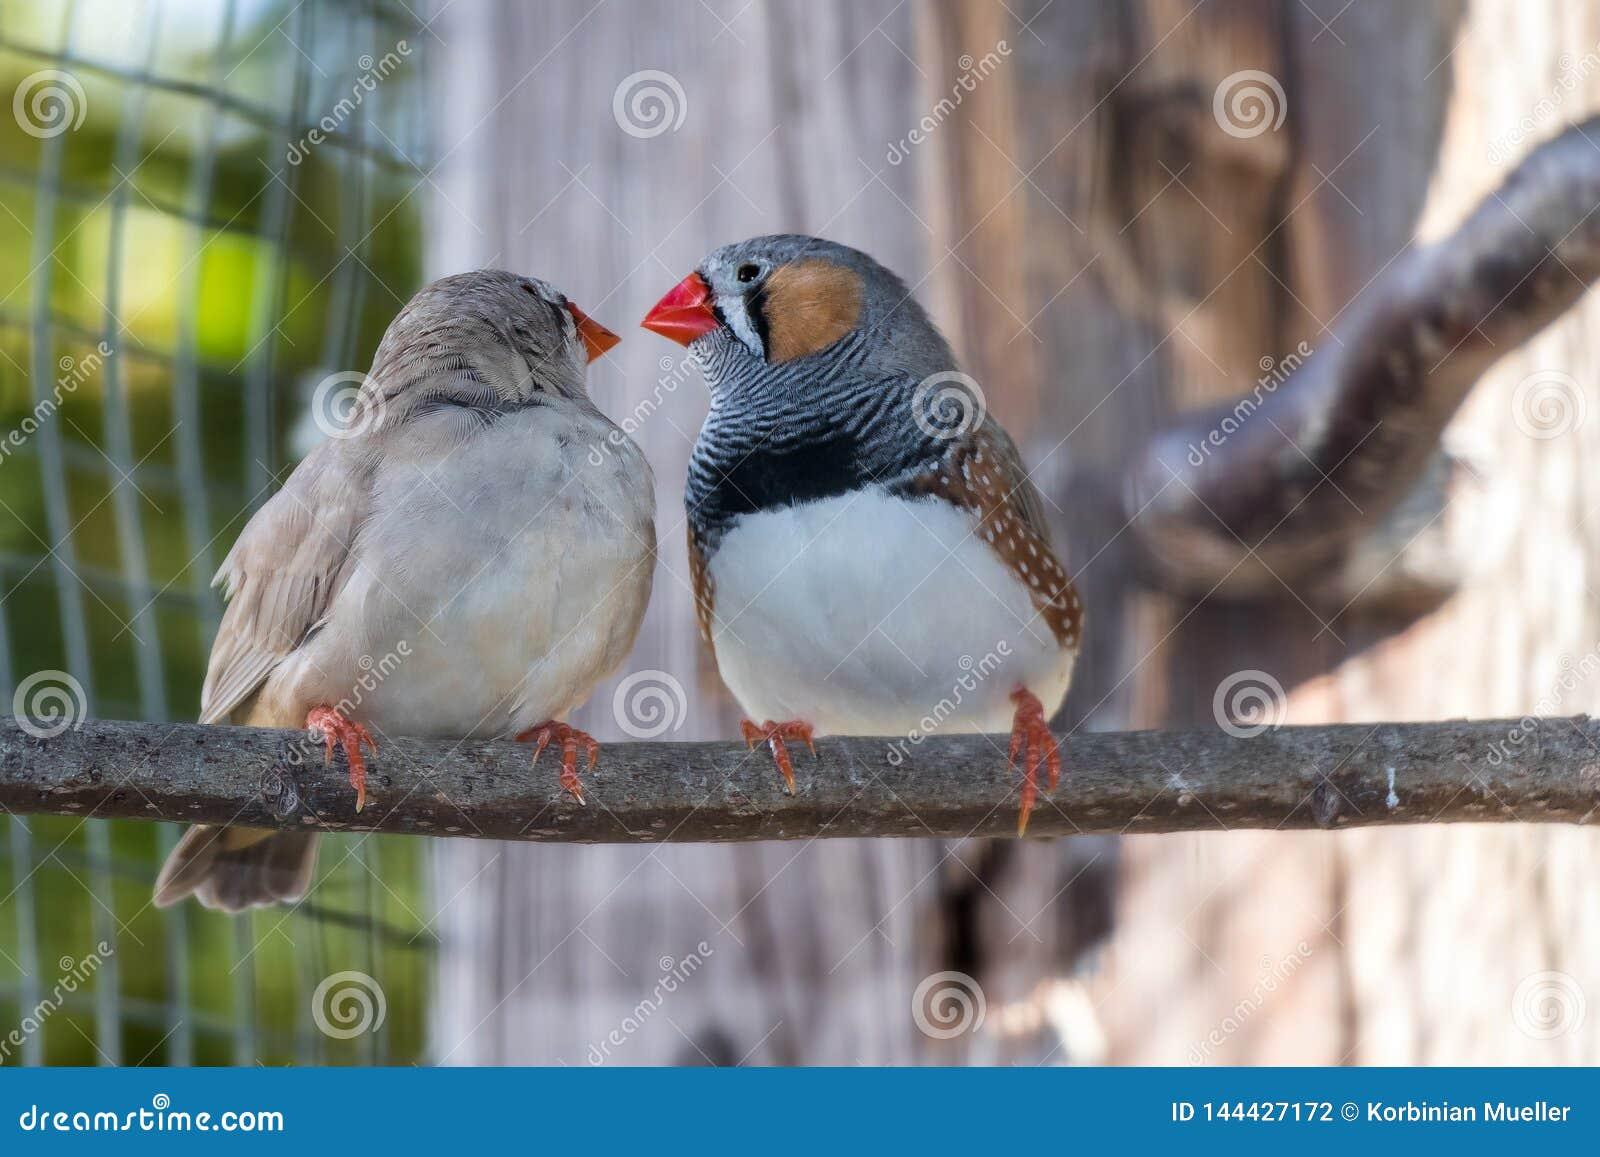 Amor entre 2 pássaros